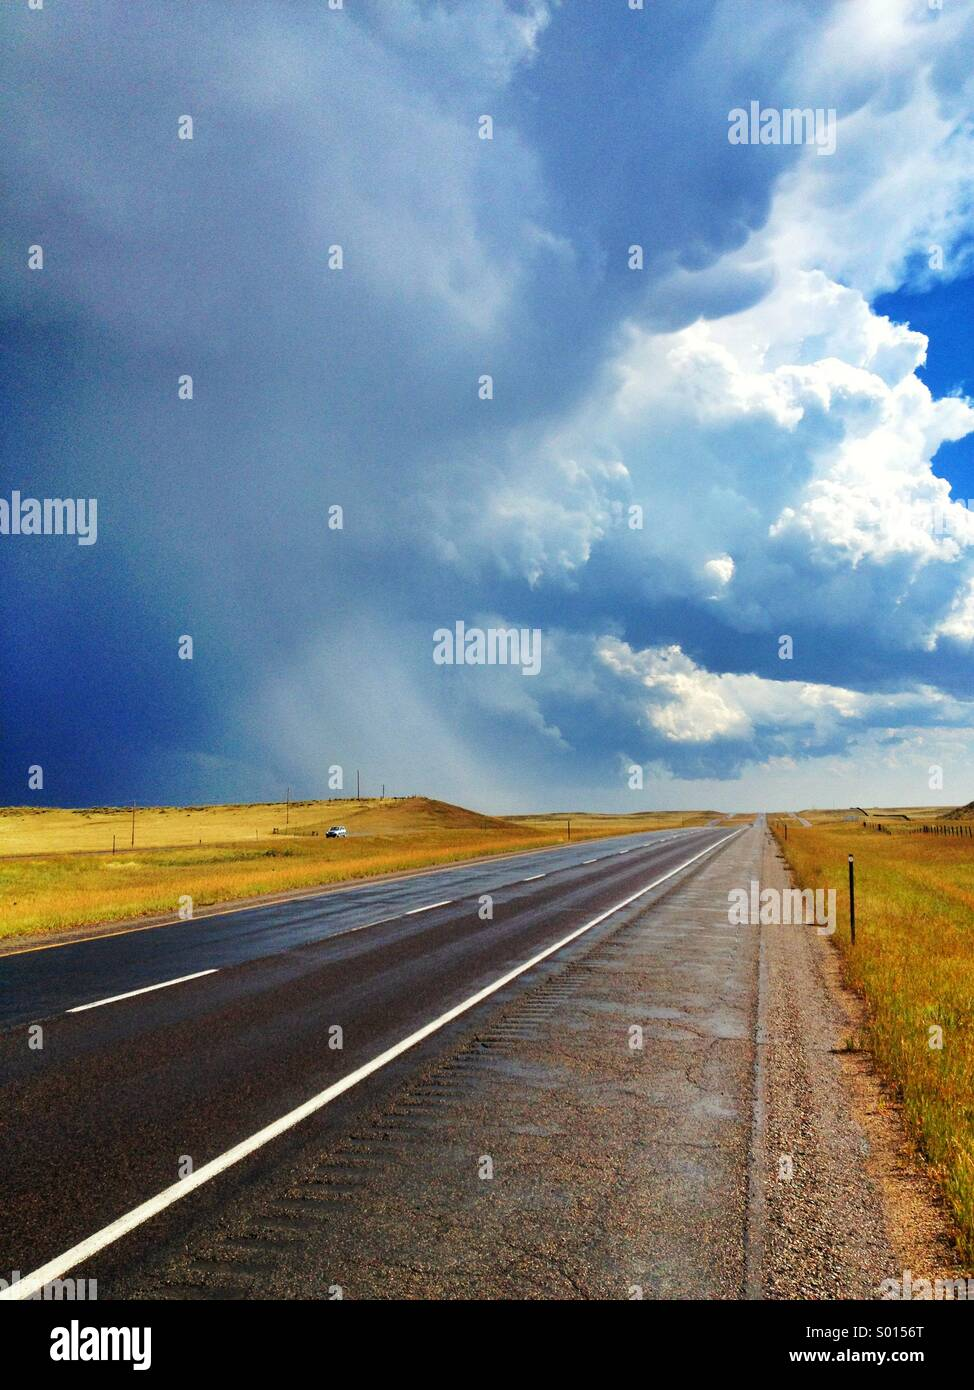 L'autoroute pendant une tempête dans le nord du Colorado Photo Stock